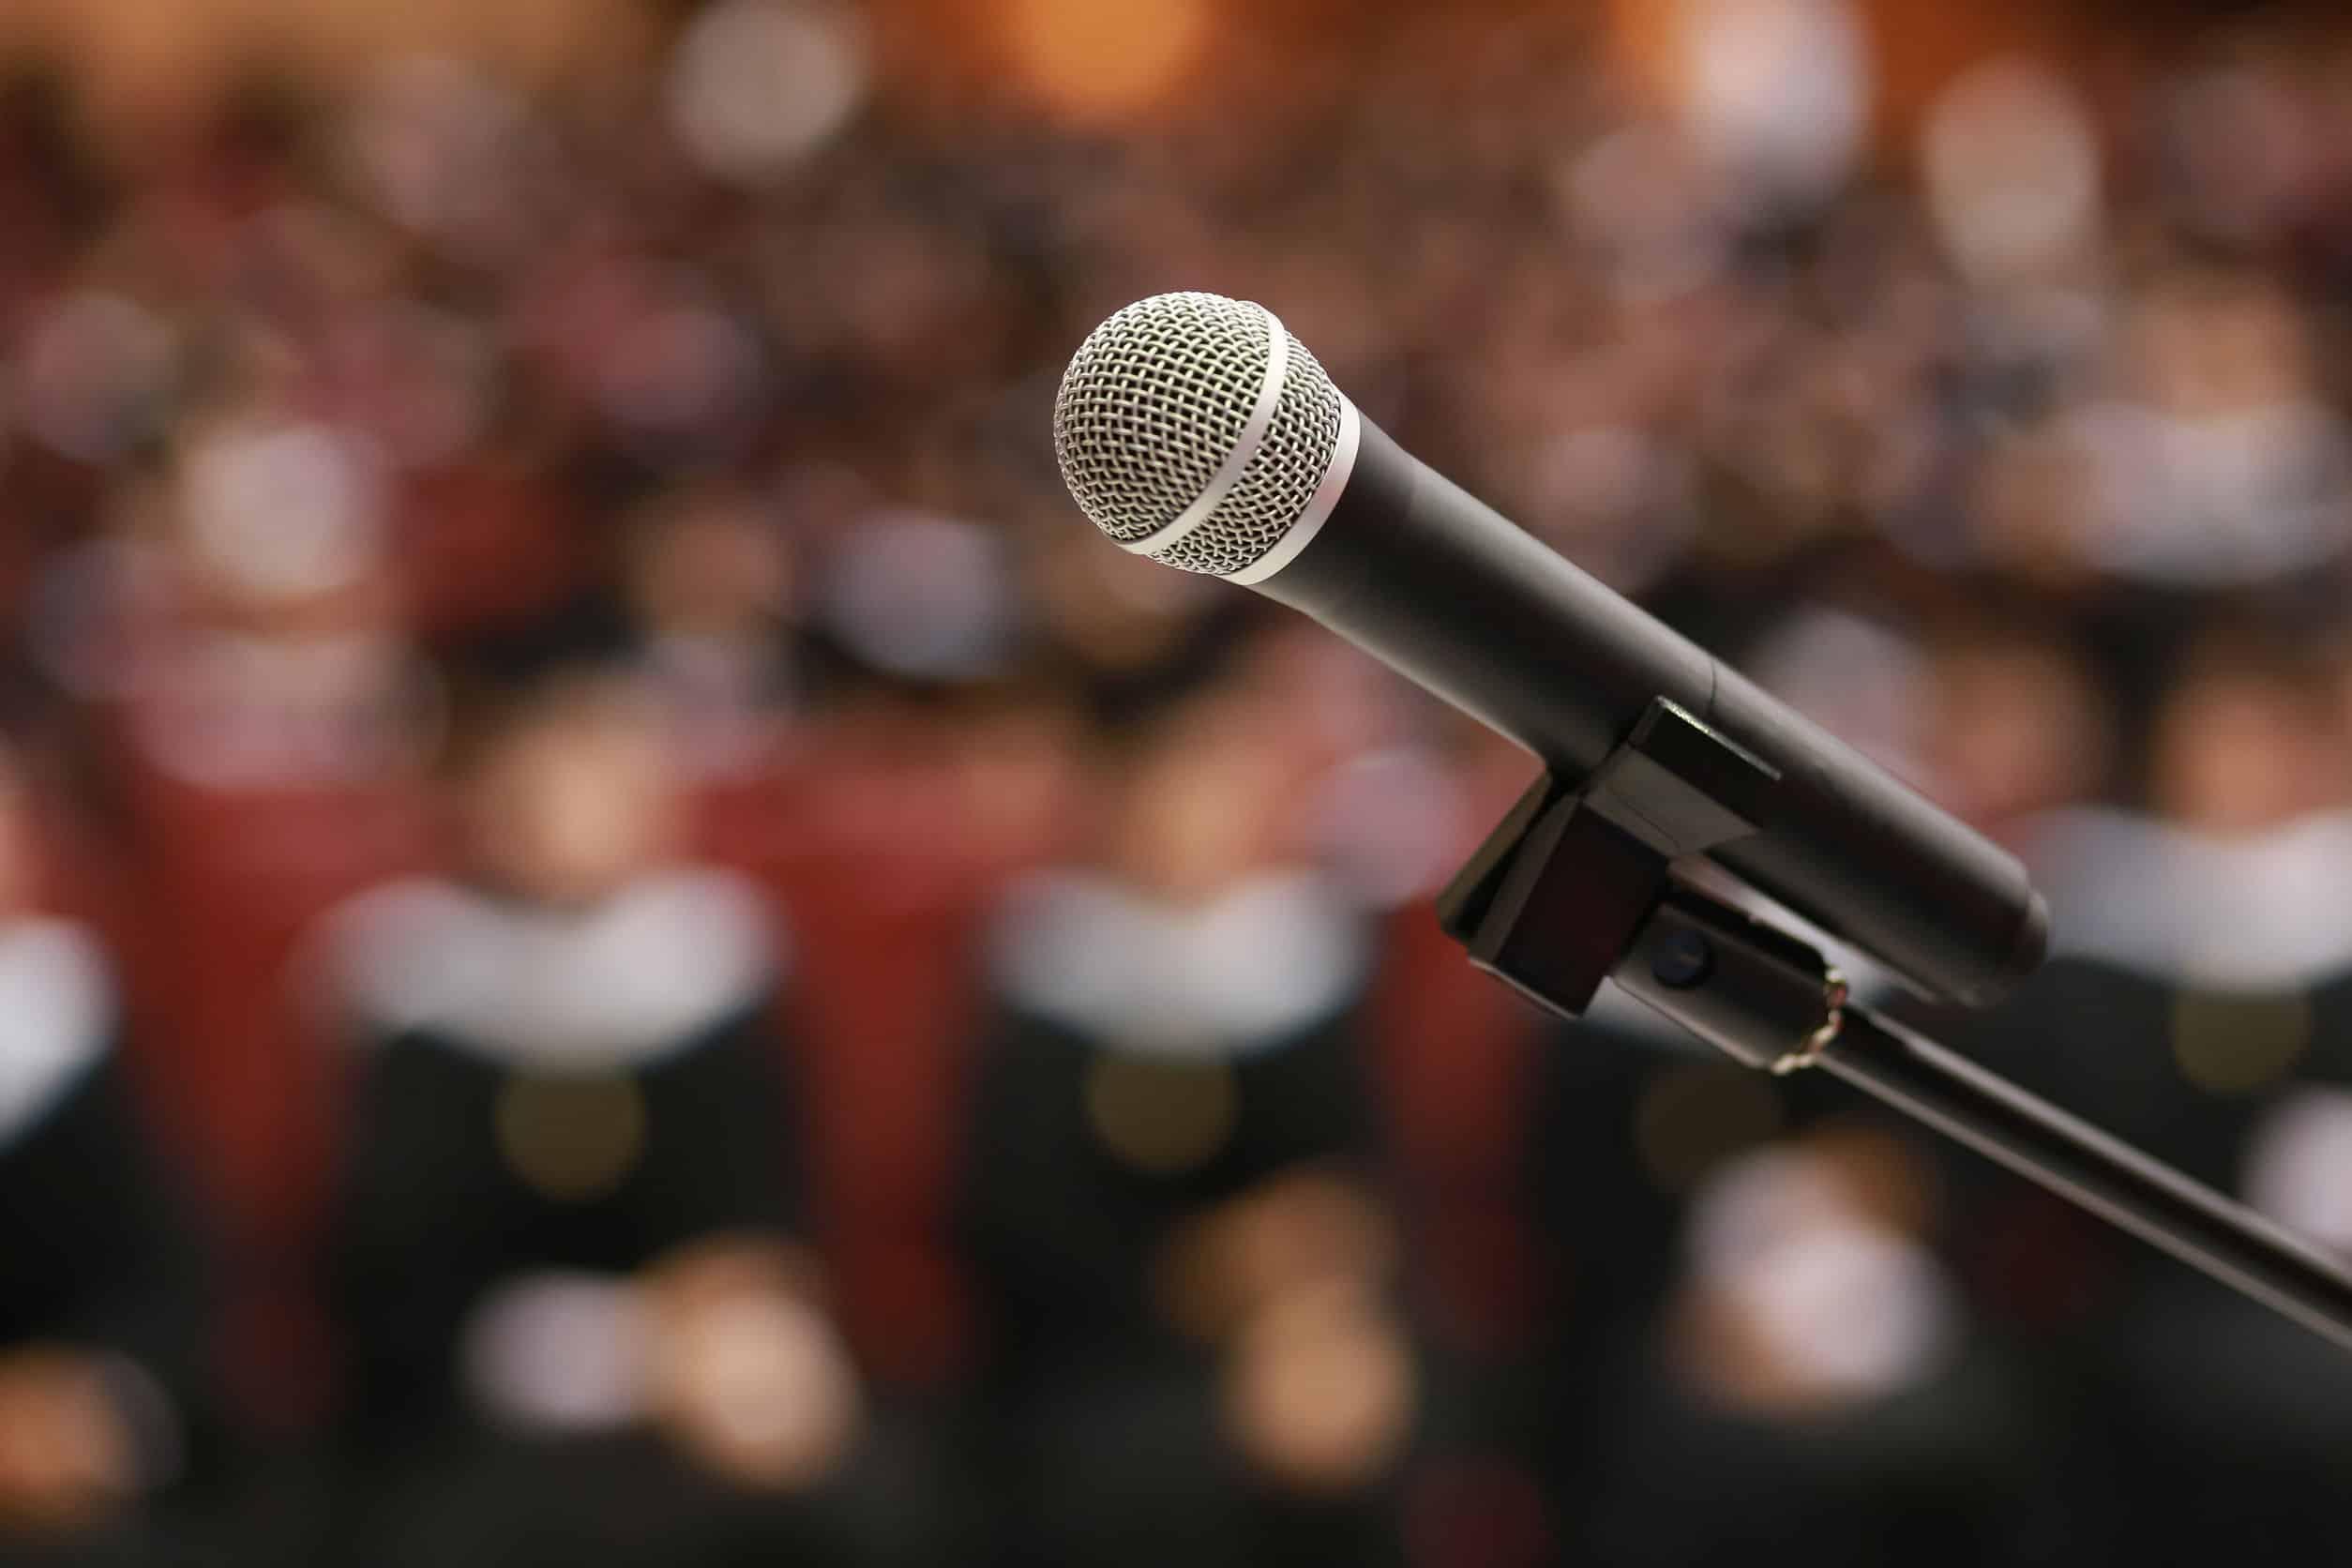 Micrófonos Inalámbricos: ¿Cual es el mejor del 2021?